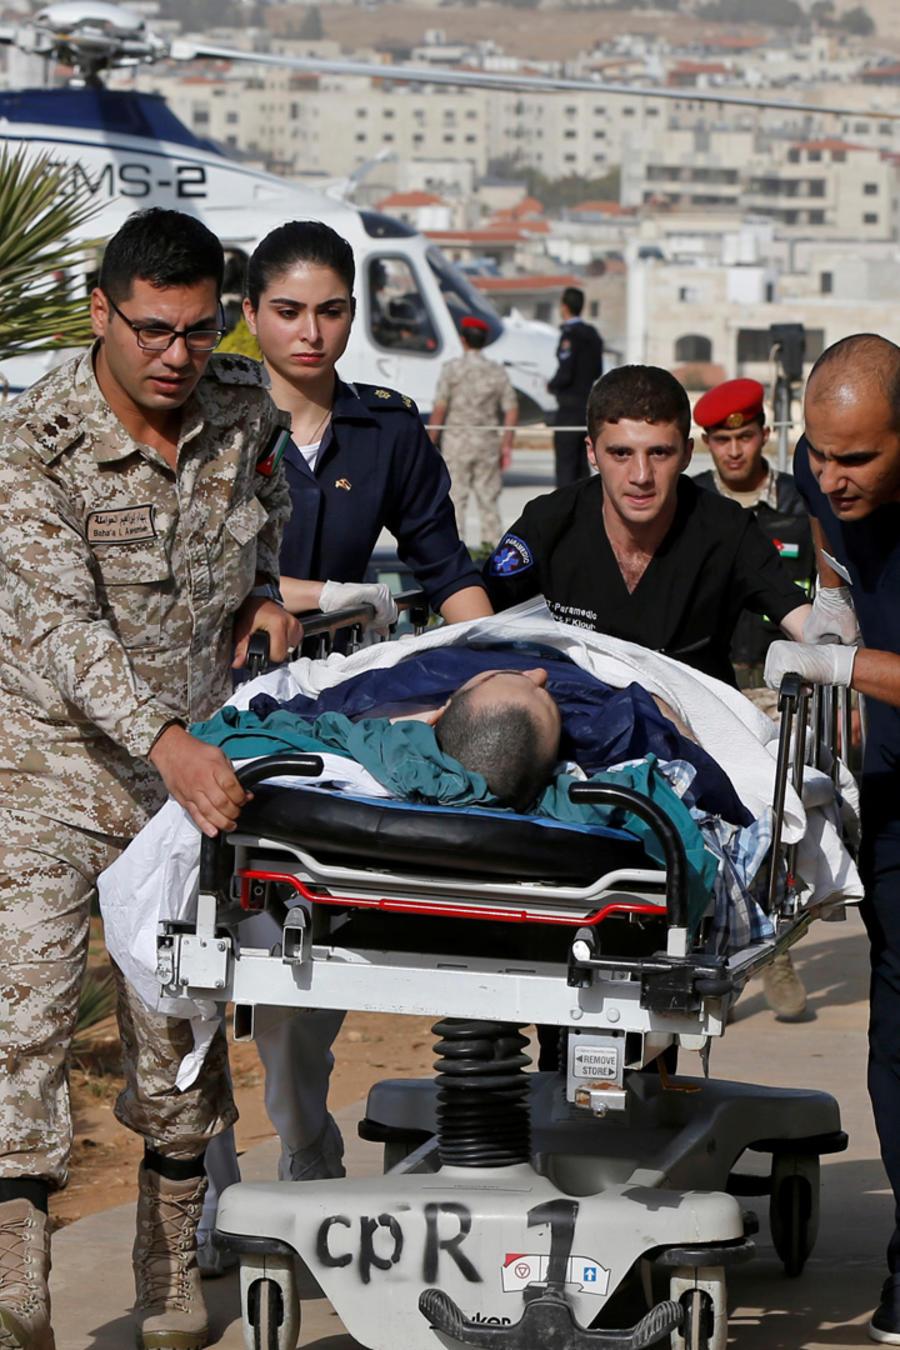 Uno de los heridos en apuñalamiento en ruinas romanas en Jordania es trasladado a un centro médico